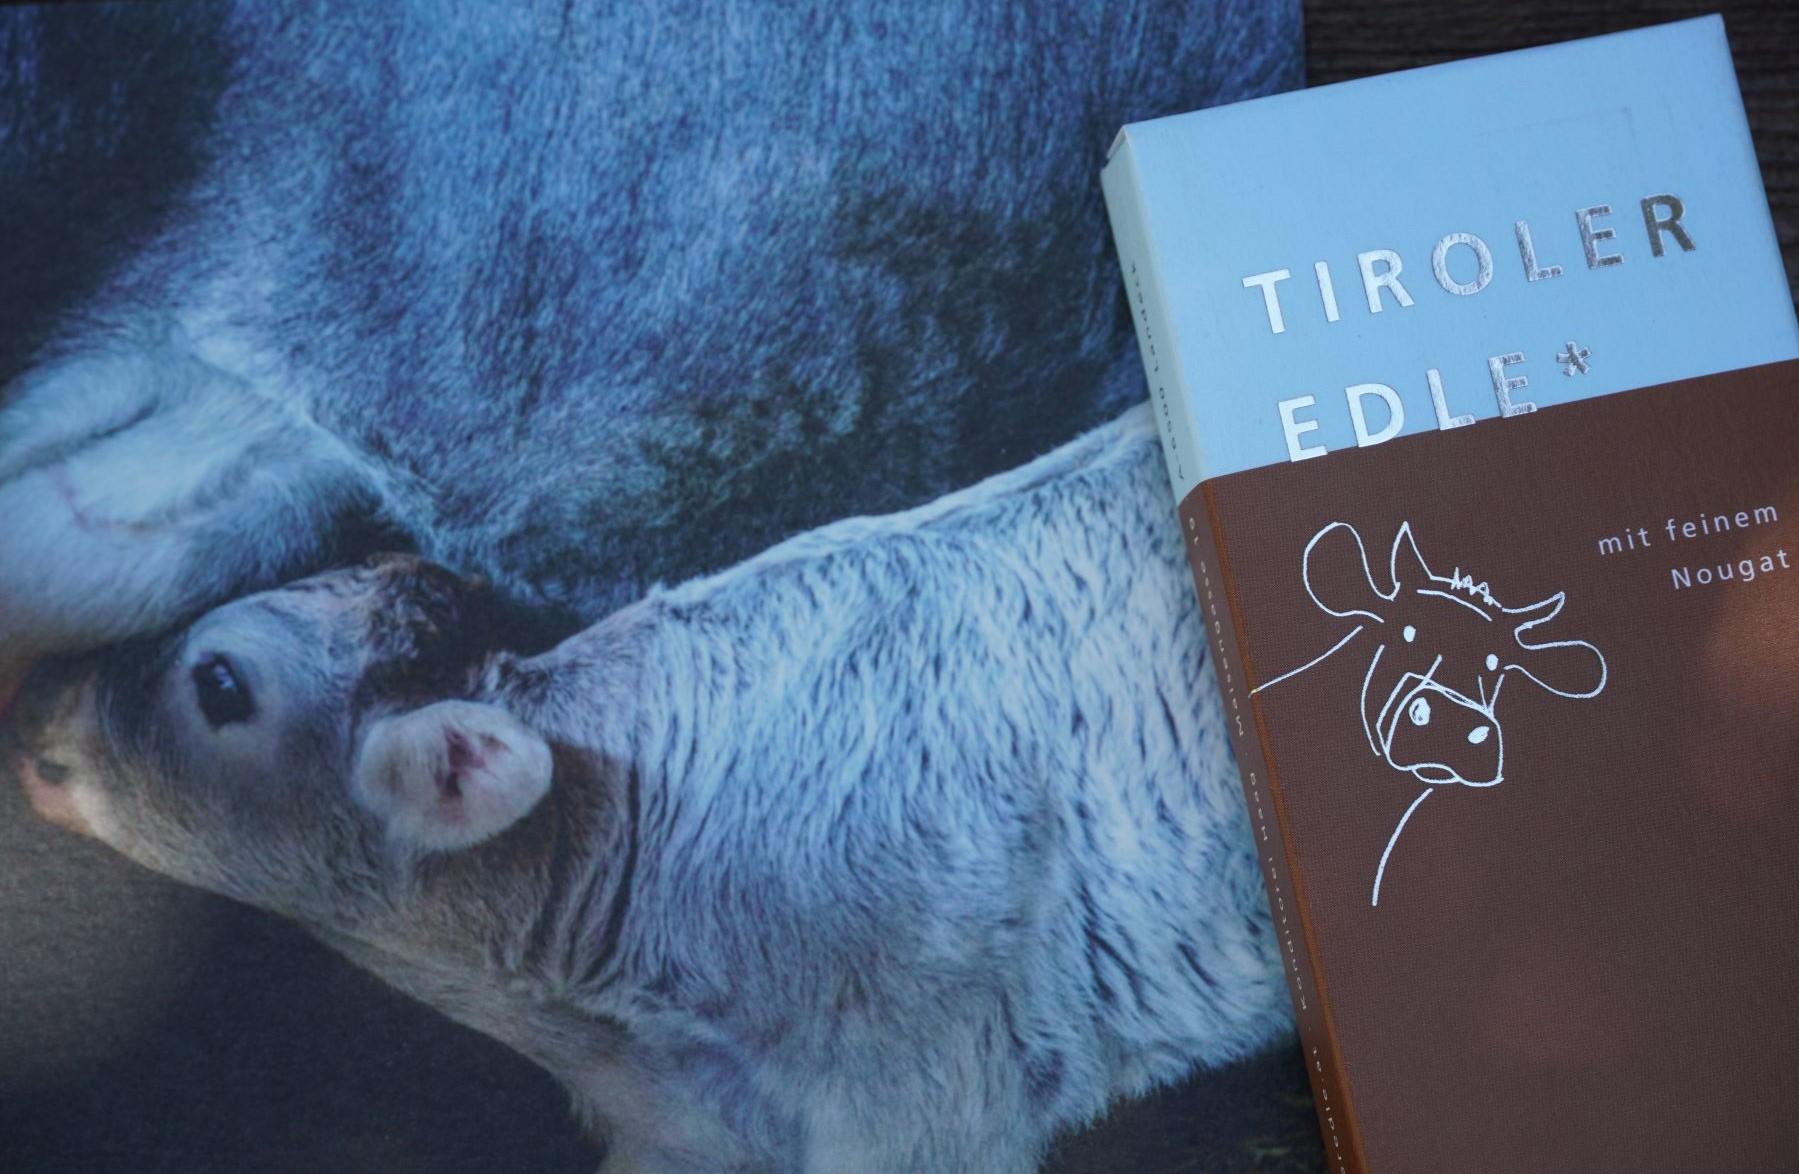 Wissen, was gut ist - 20 Jahre Tiroler Edle Schokoladen